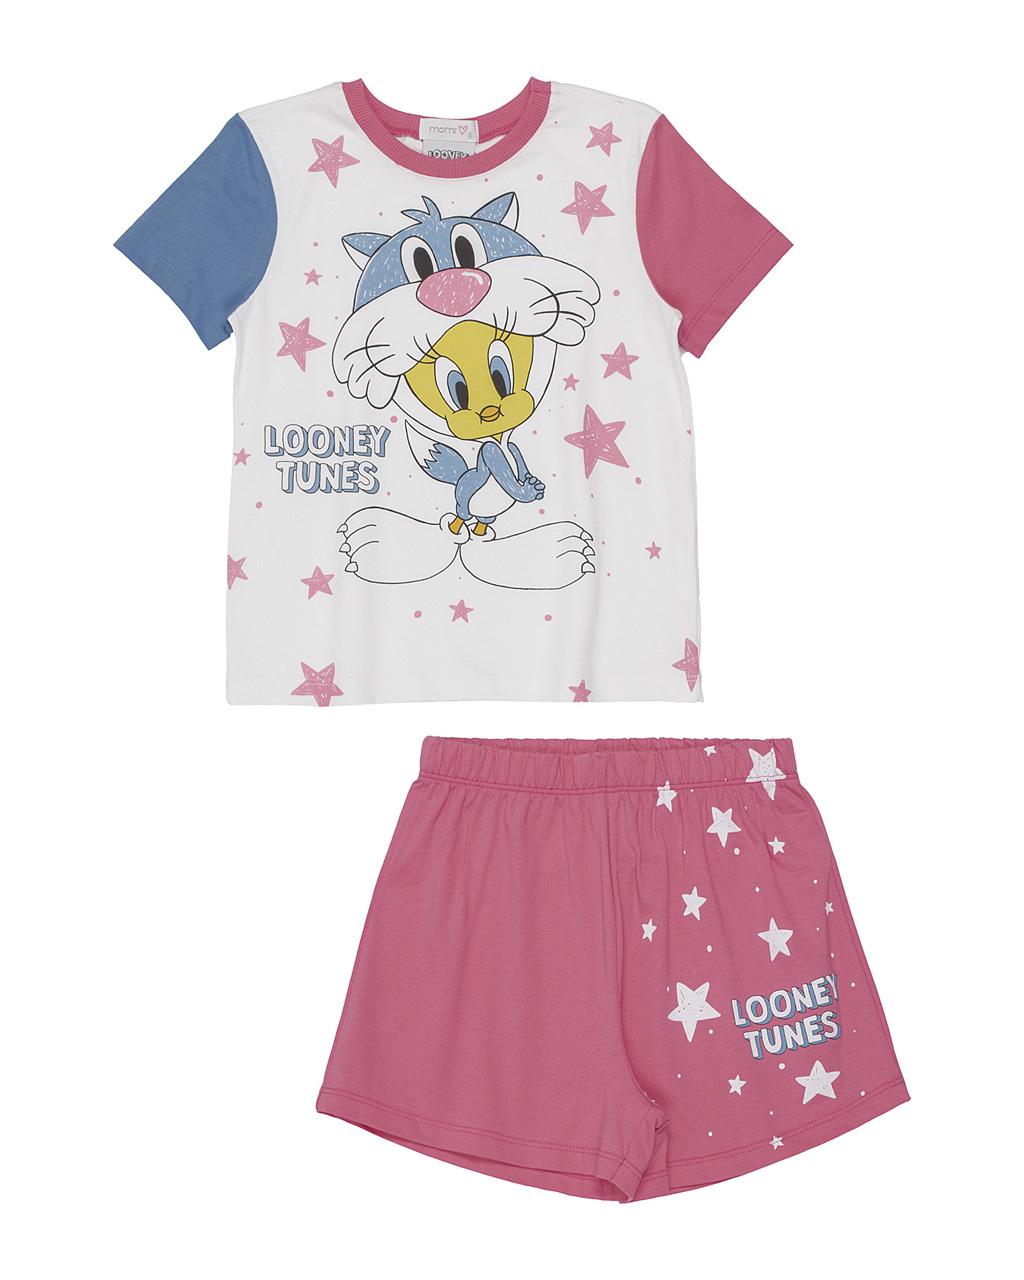 Pijama Infantil Manga Curta Looney Tunes Noite Estrelada Momi